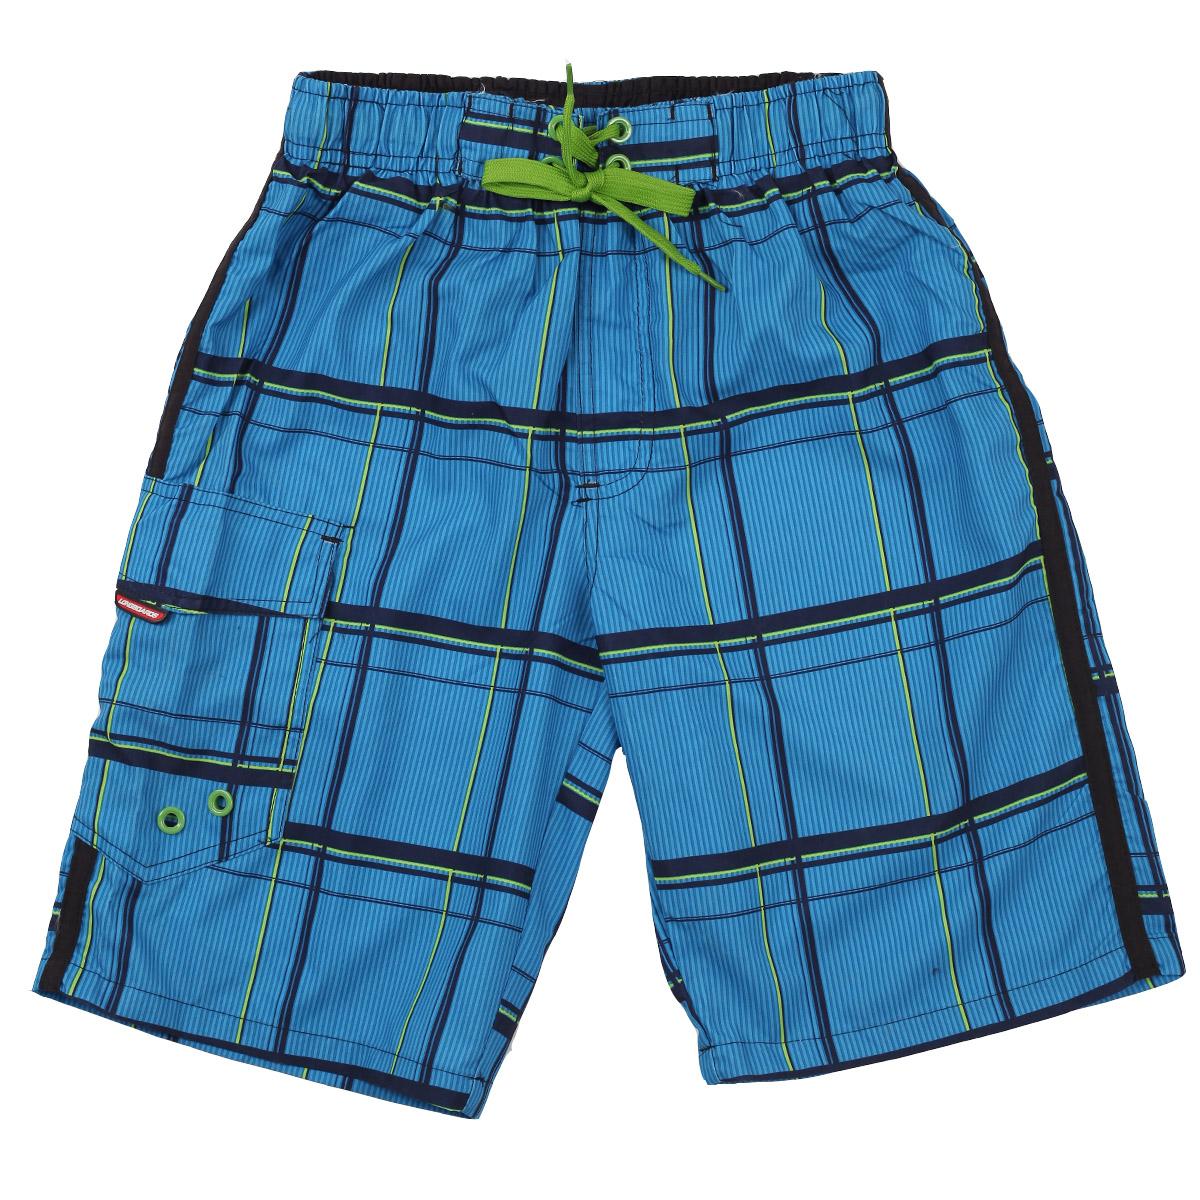 Синие шорты для мальчика - купить по специальной цене